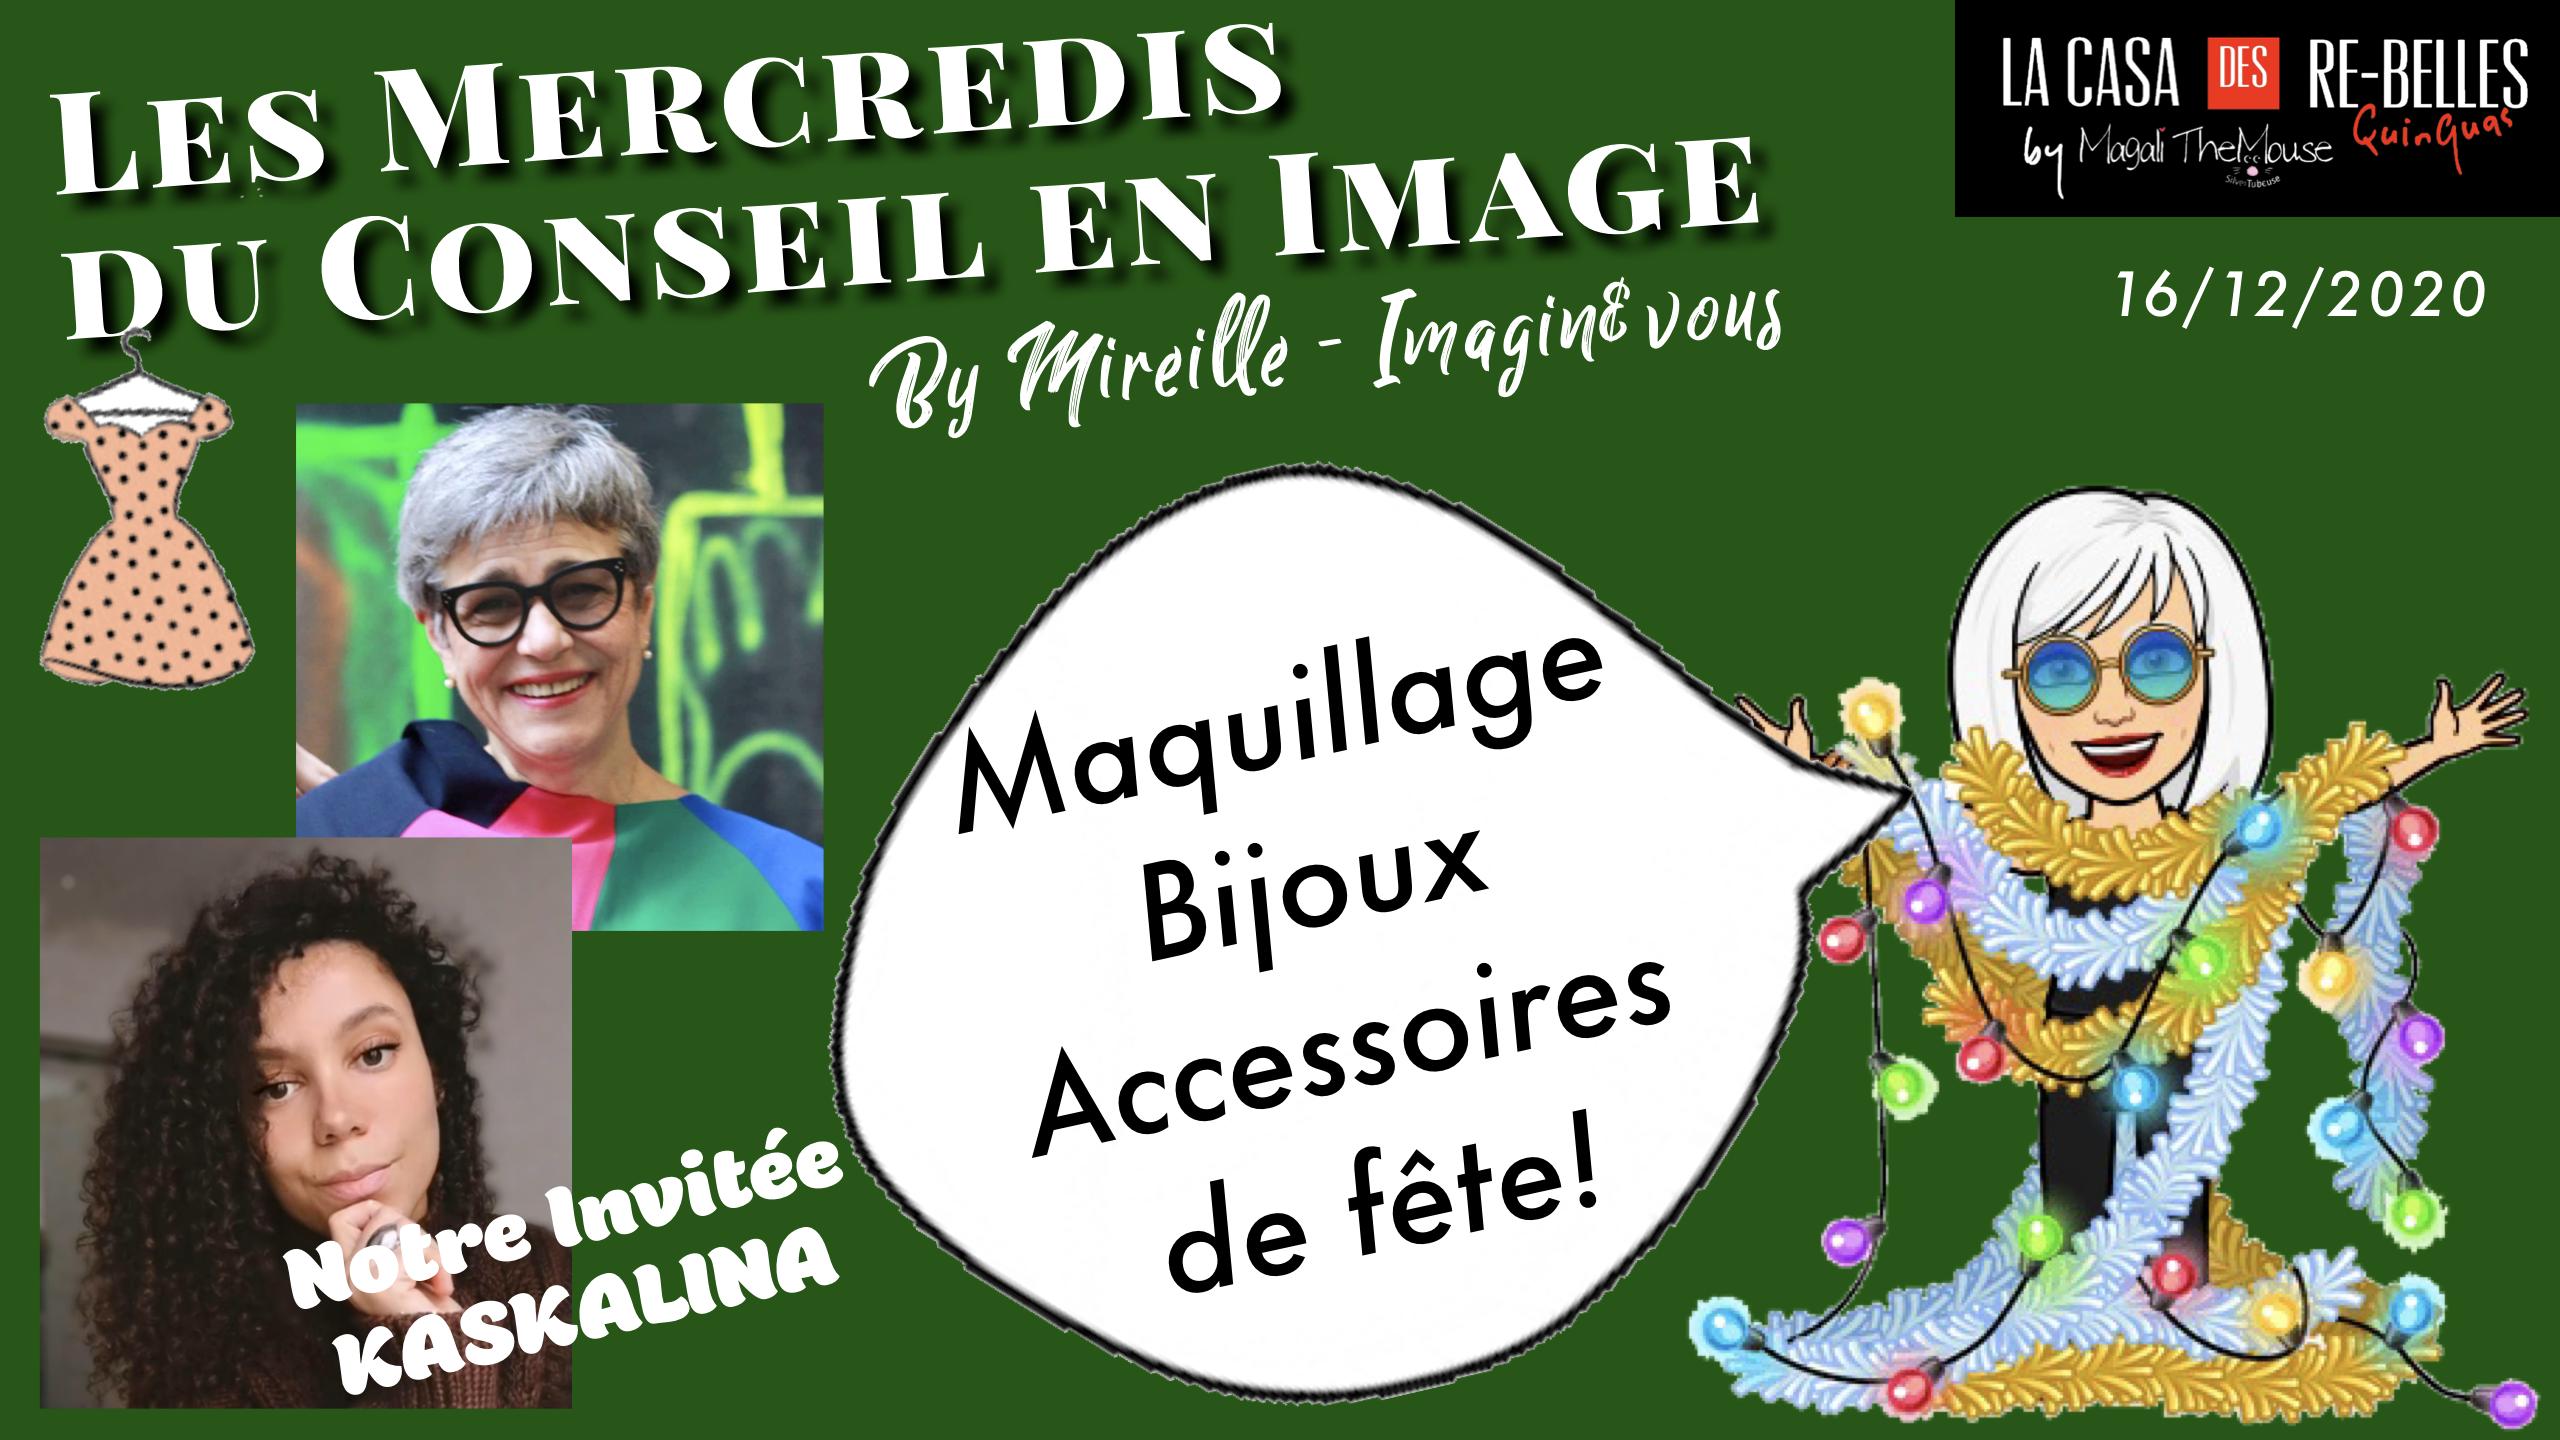 Maquillage, accessoires et bijoux Kasbahlina… tout pour une tenue de fête au top (Conseil en image)